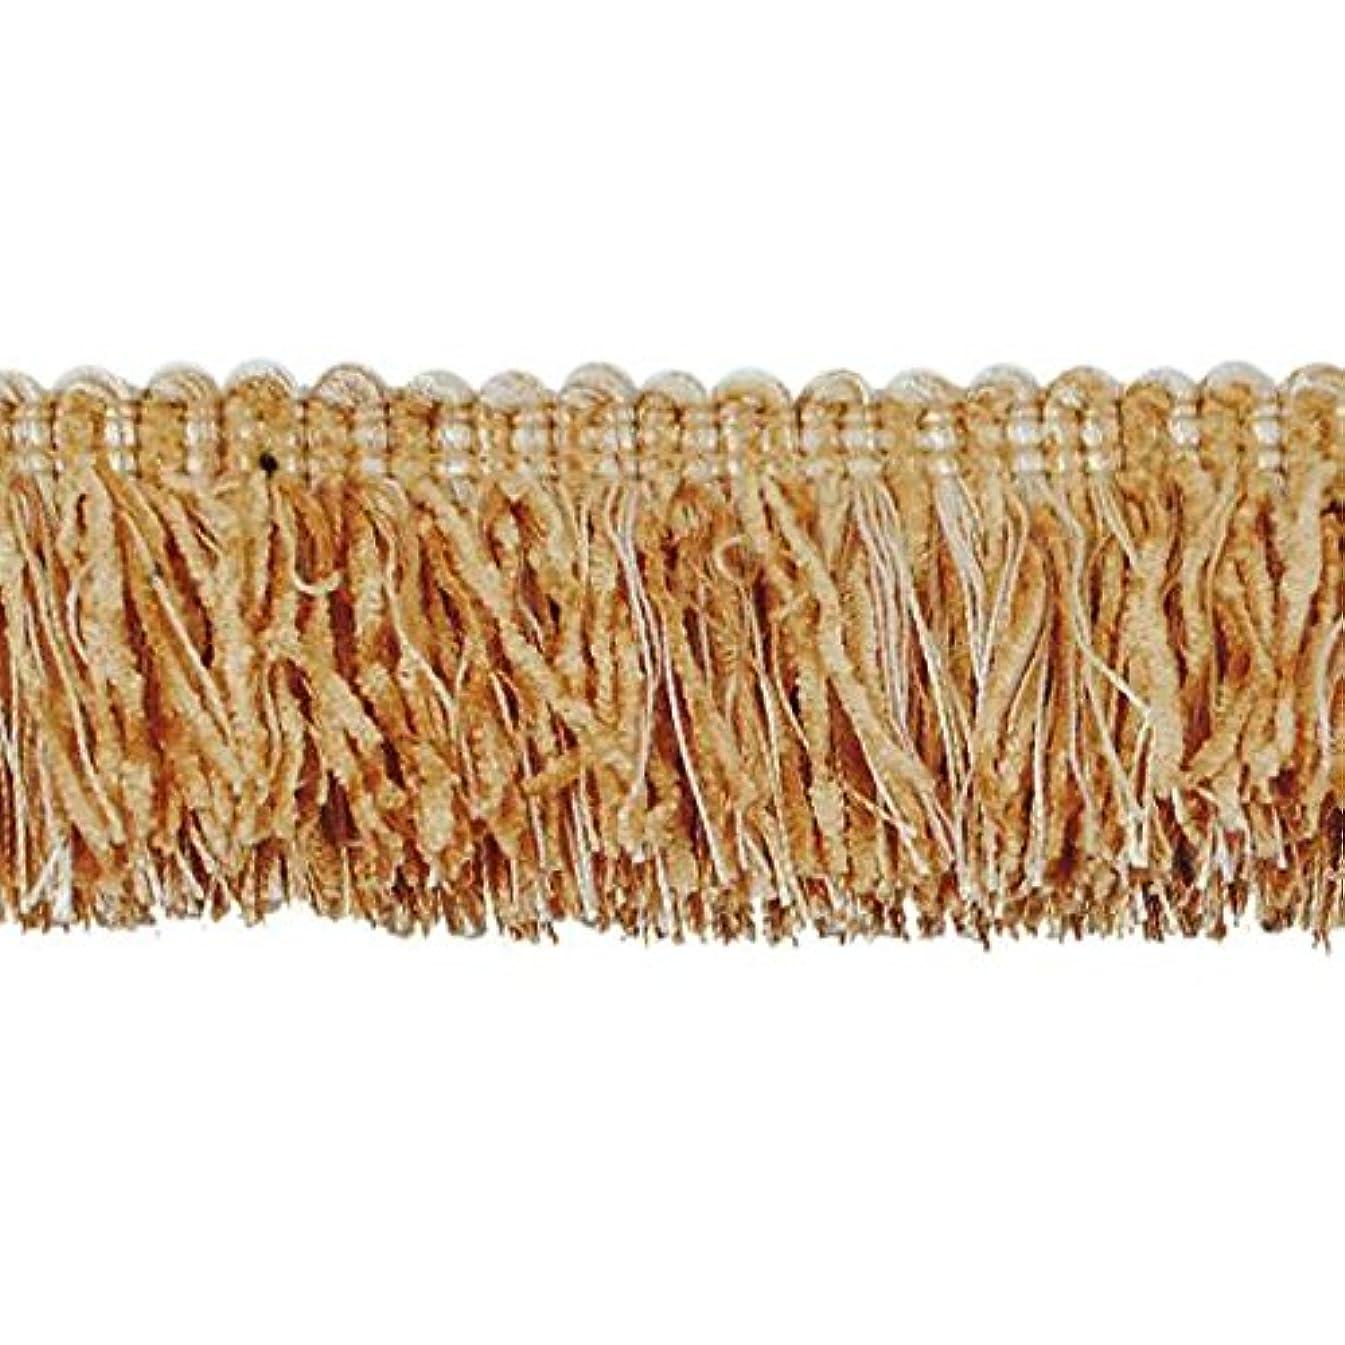 Expo International Chenille Fiber Brush Fringe Trim Embellishment, 20-Yard, Beige/Gold